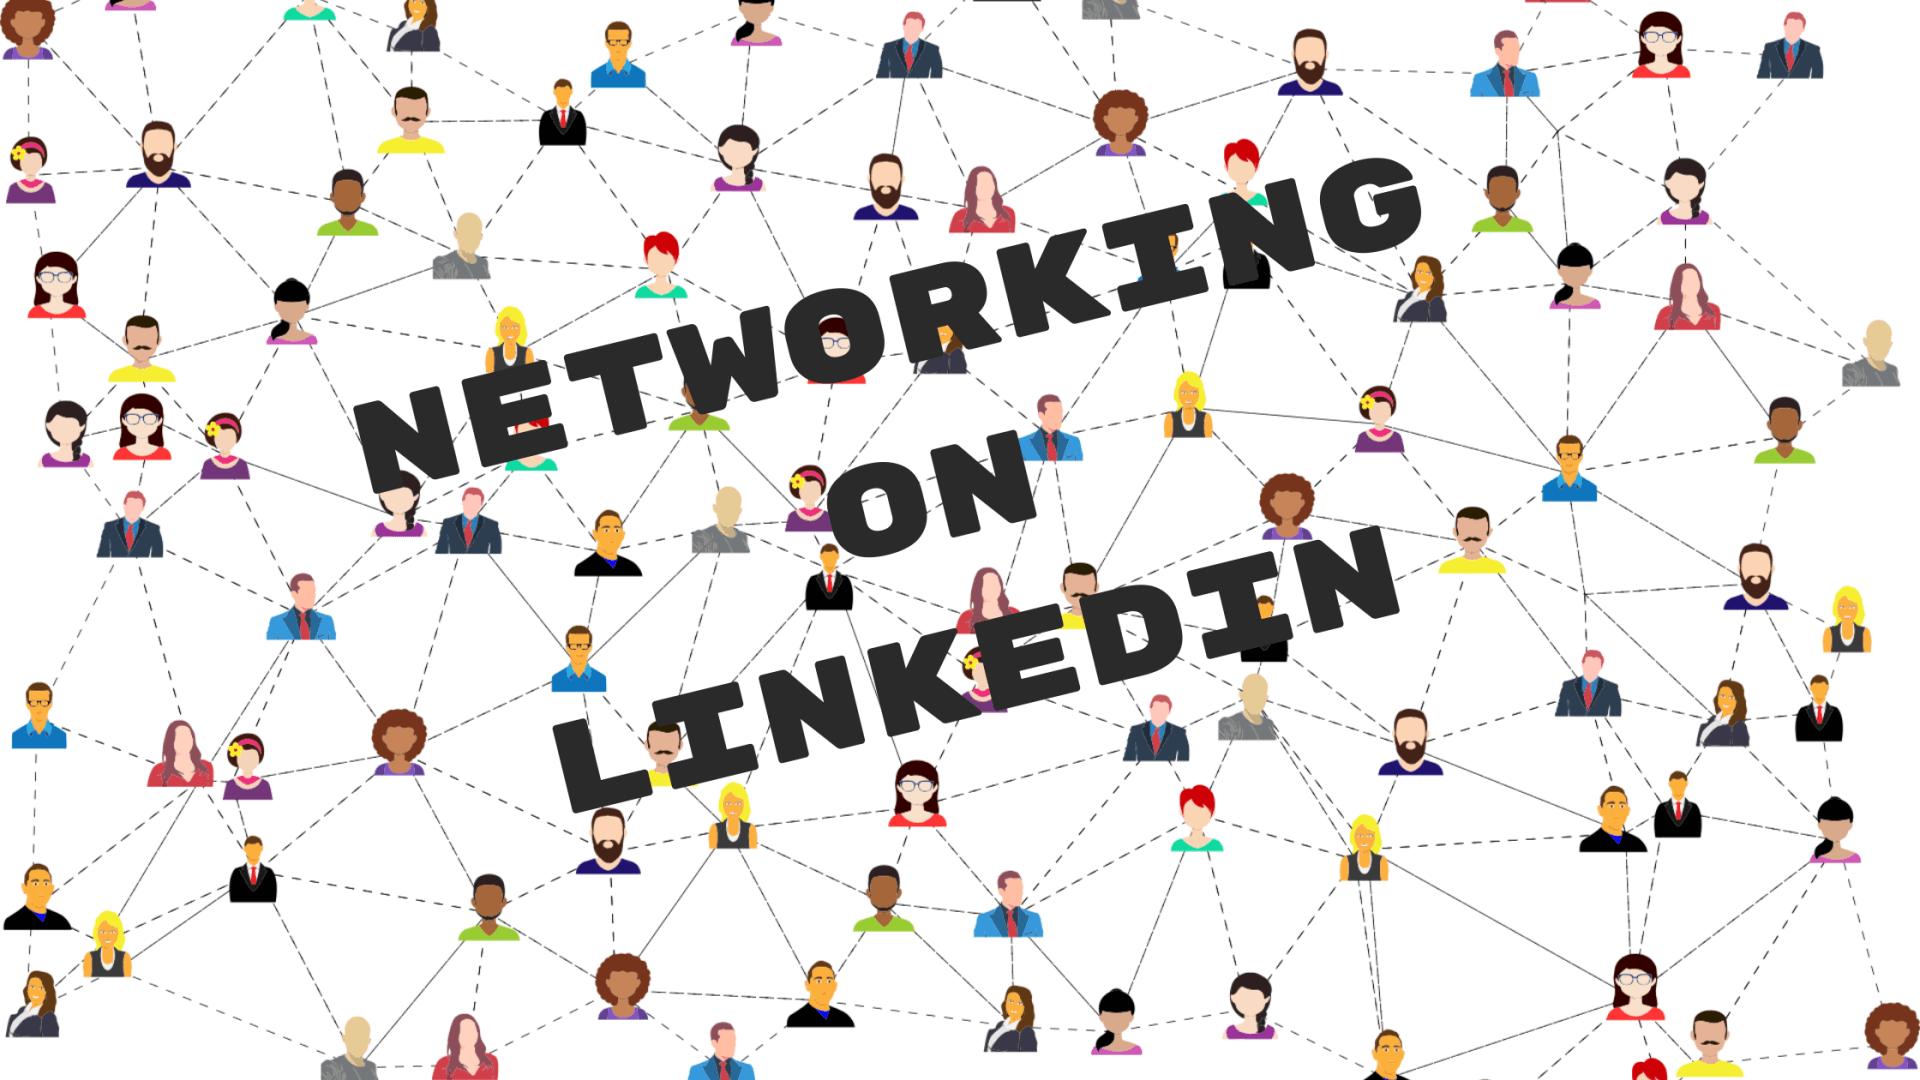 Digital Marketing Job Linkedin